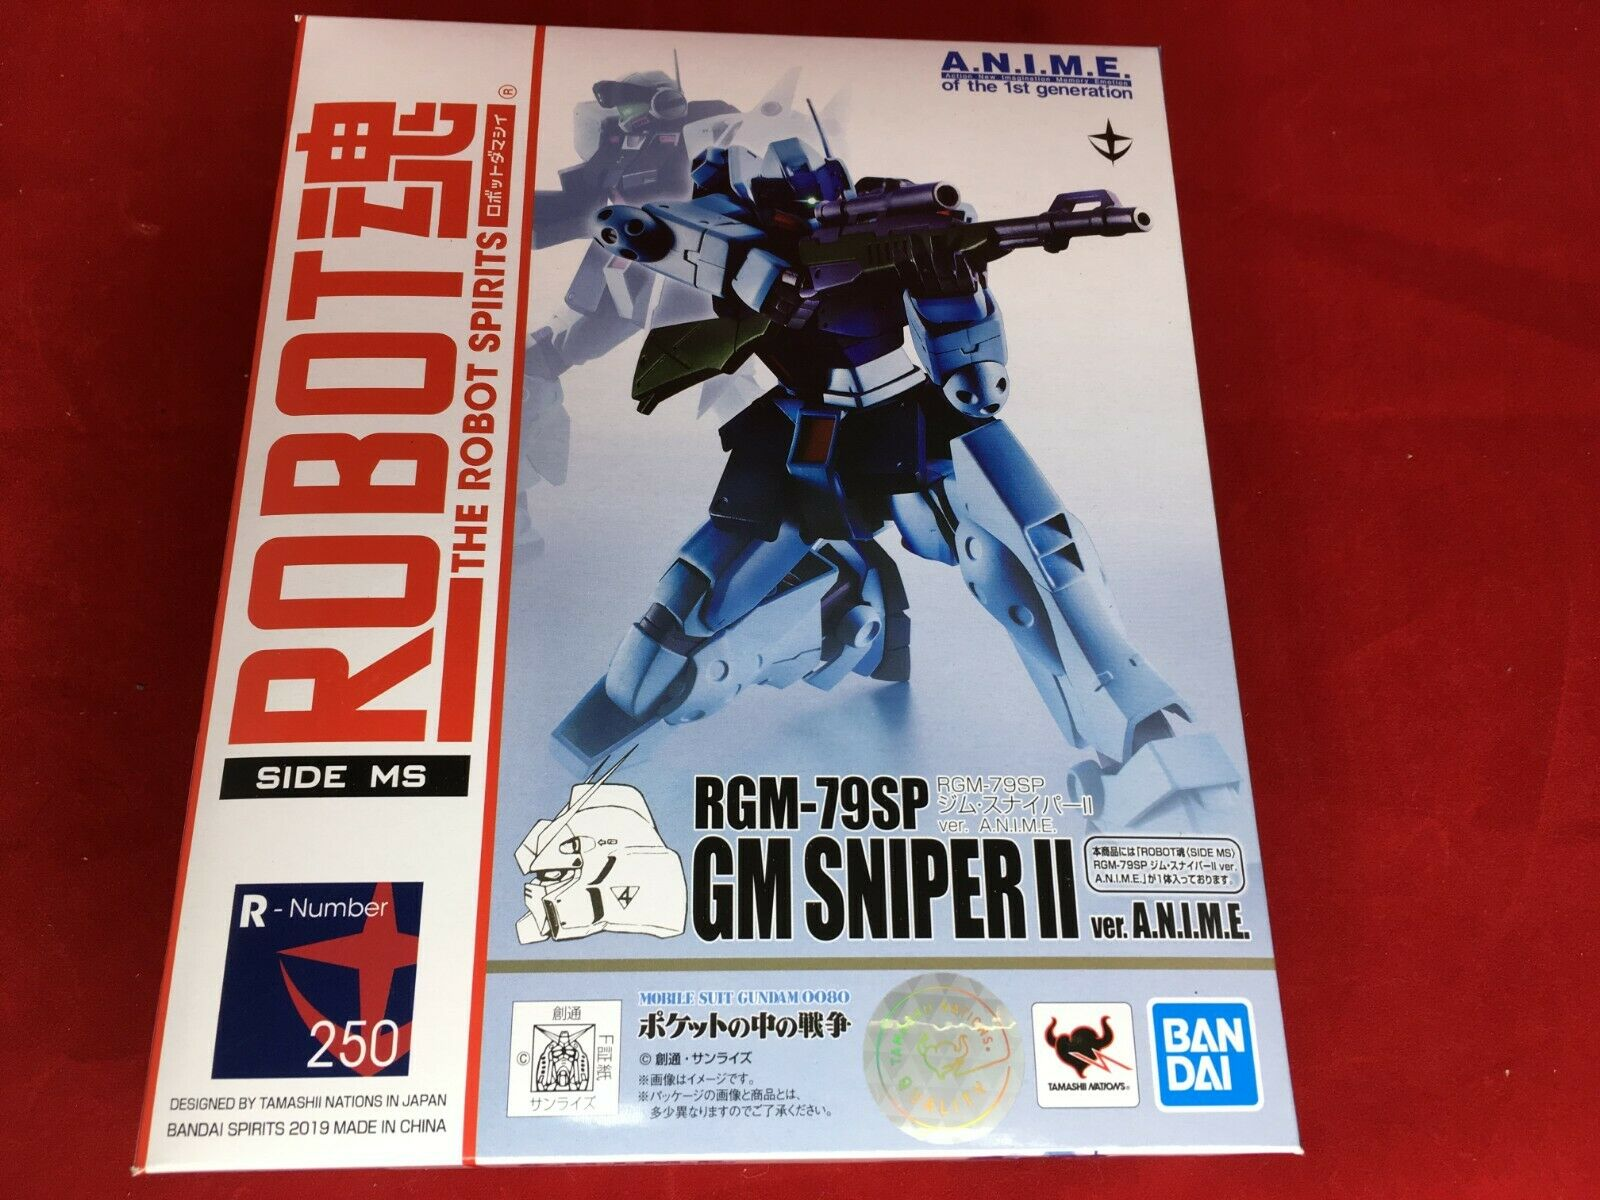 Le  Robot Spirits Gundam 0080  RGM-79 SP Jim Sniper II  articles de nouveauté